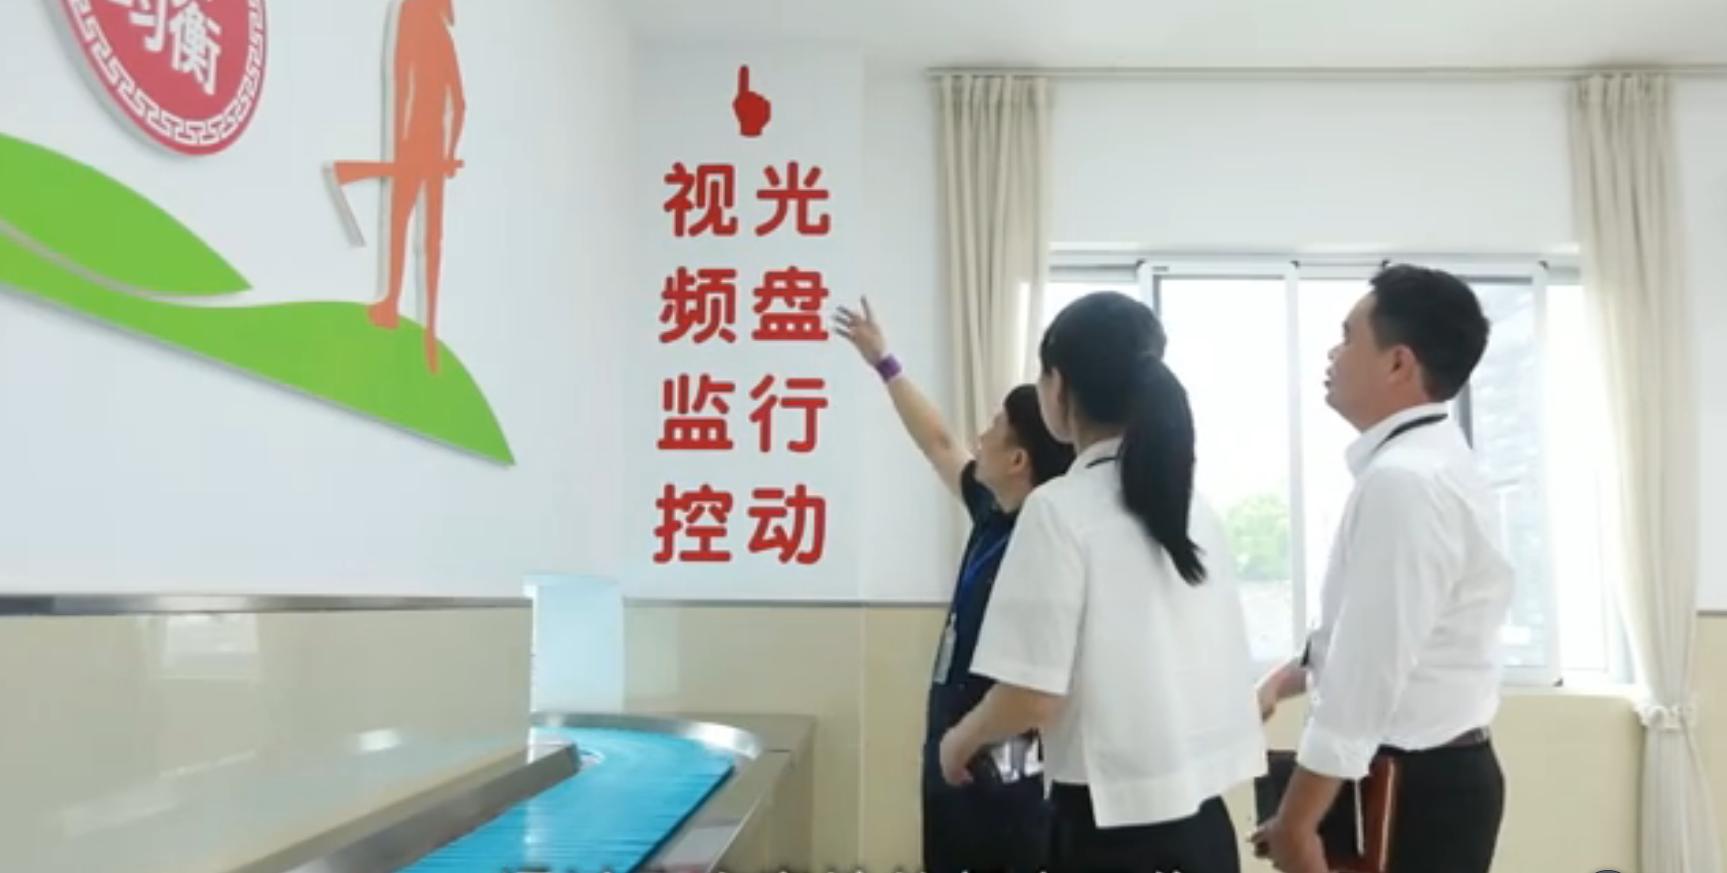 """浪费者要被大屏幕曝光 鹿城机关大院掀起""""光盘旋风"""""""